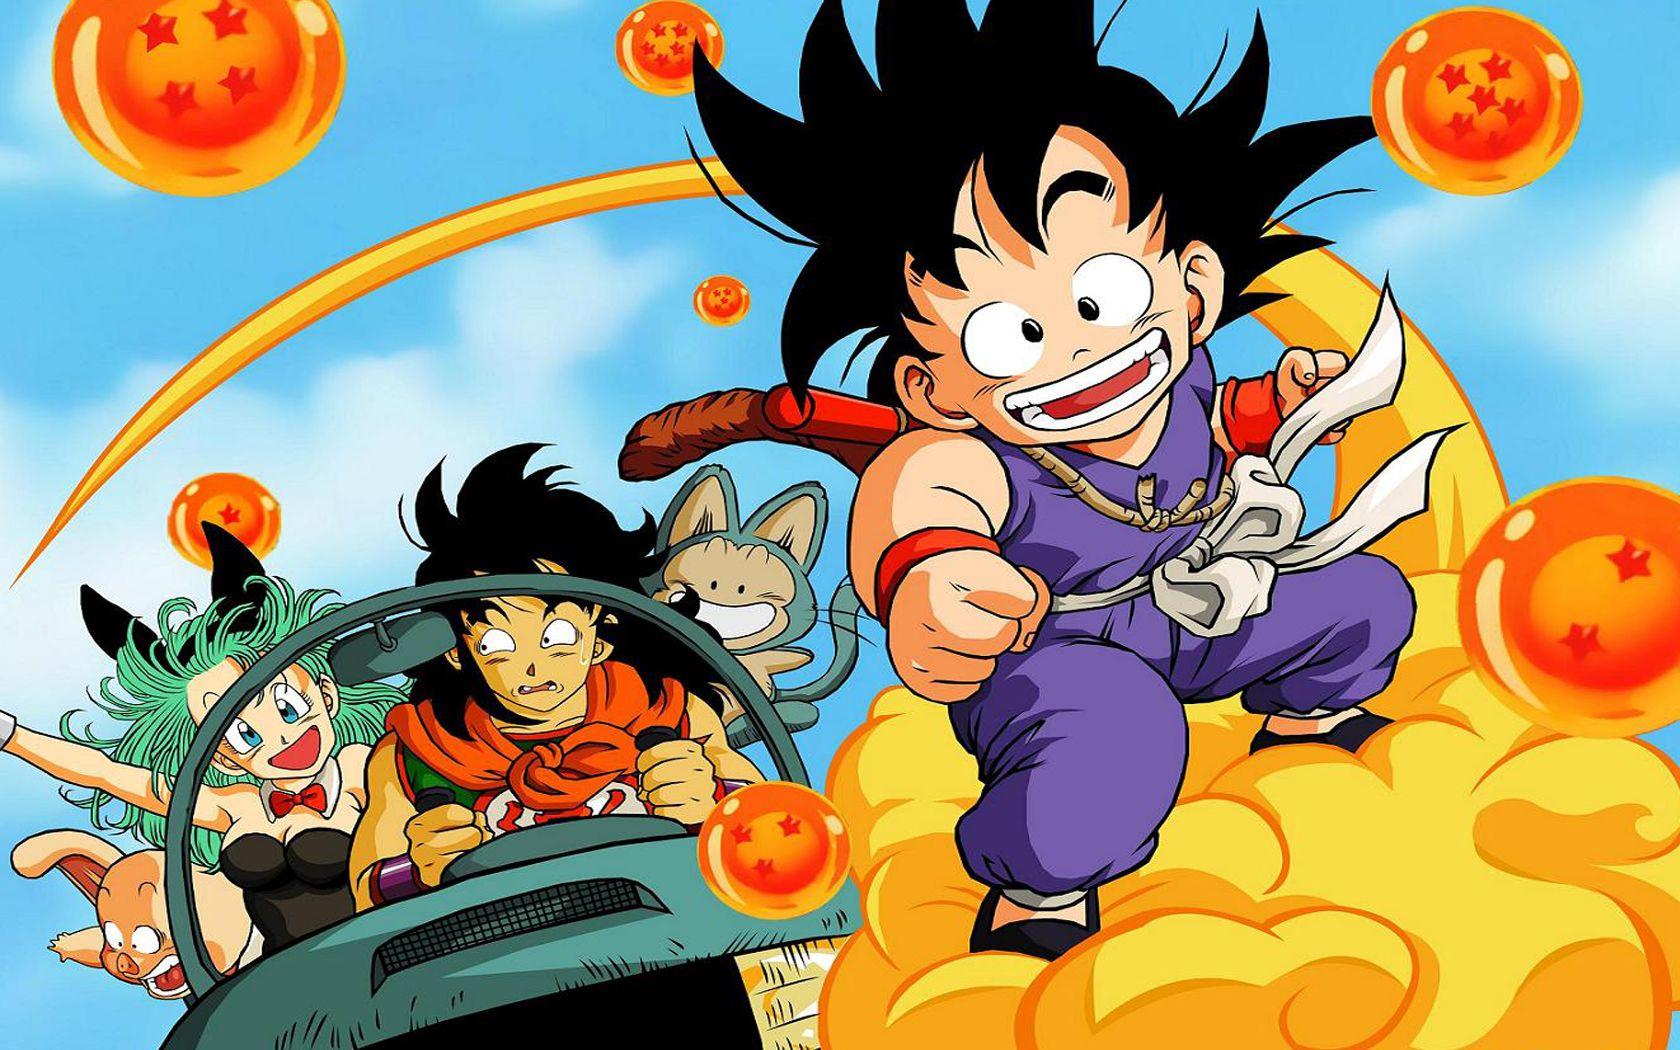 La editorial japonesa Shueisha anunció durante su presentación de nuevos proyectos el pasado miércoles 12 de octubre de 2016 que ha creado un nuevo departamento llamado Dragon Ball Room centrado específicamente en la licencia Dragon Ball